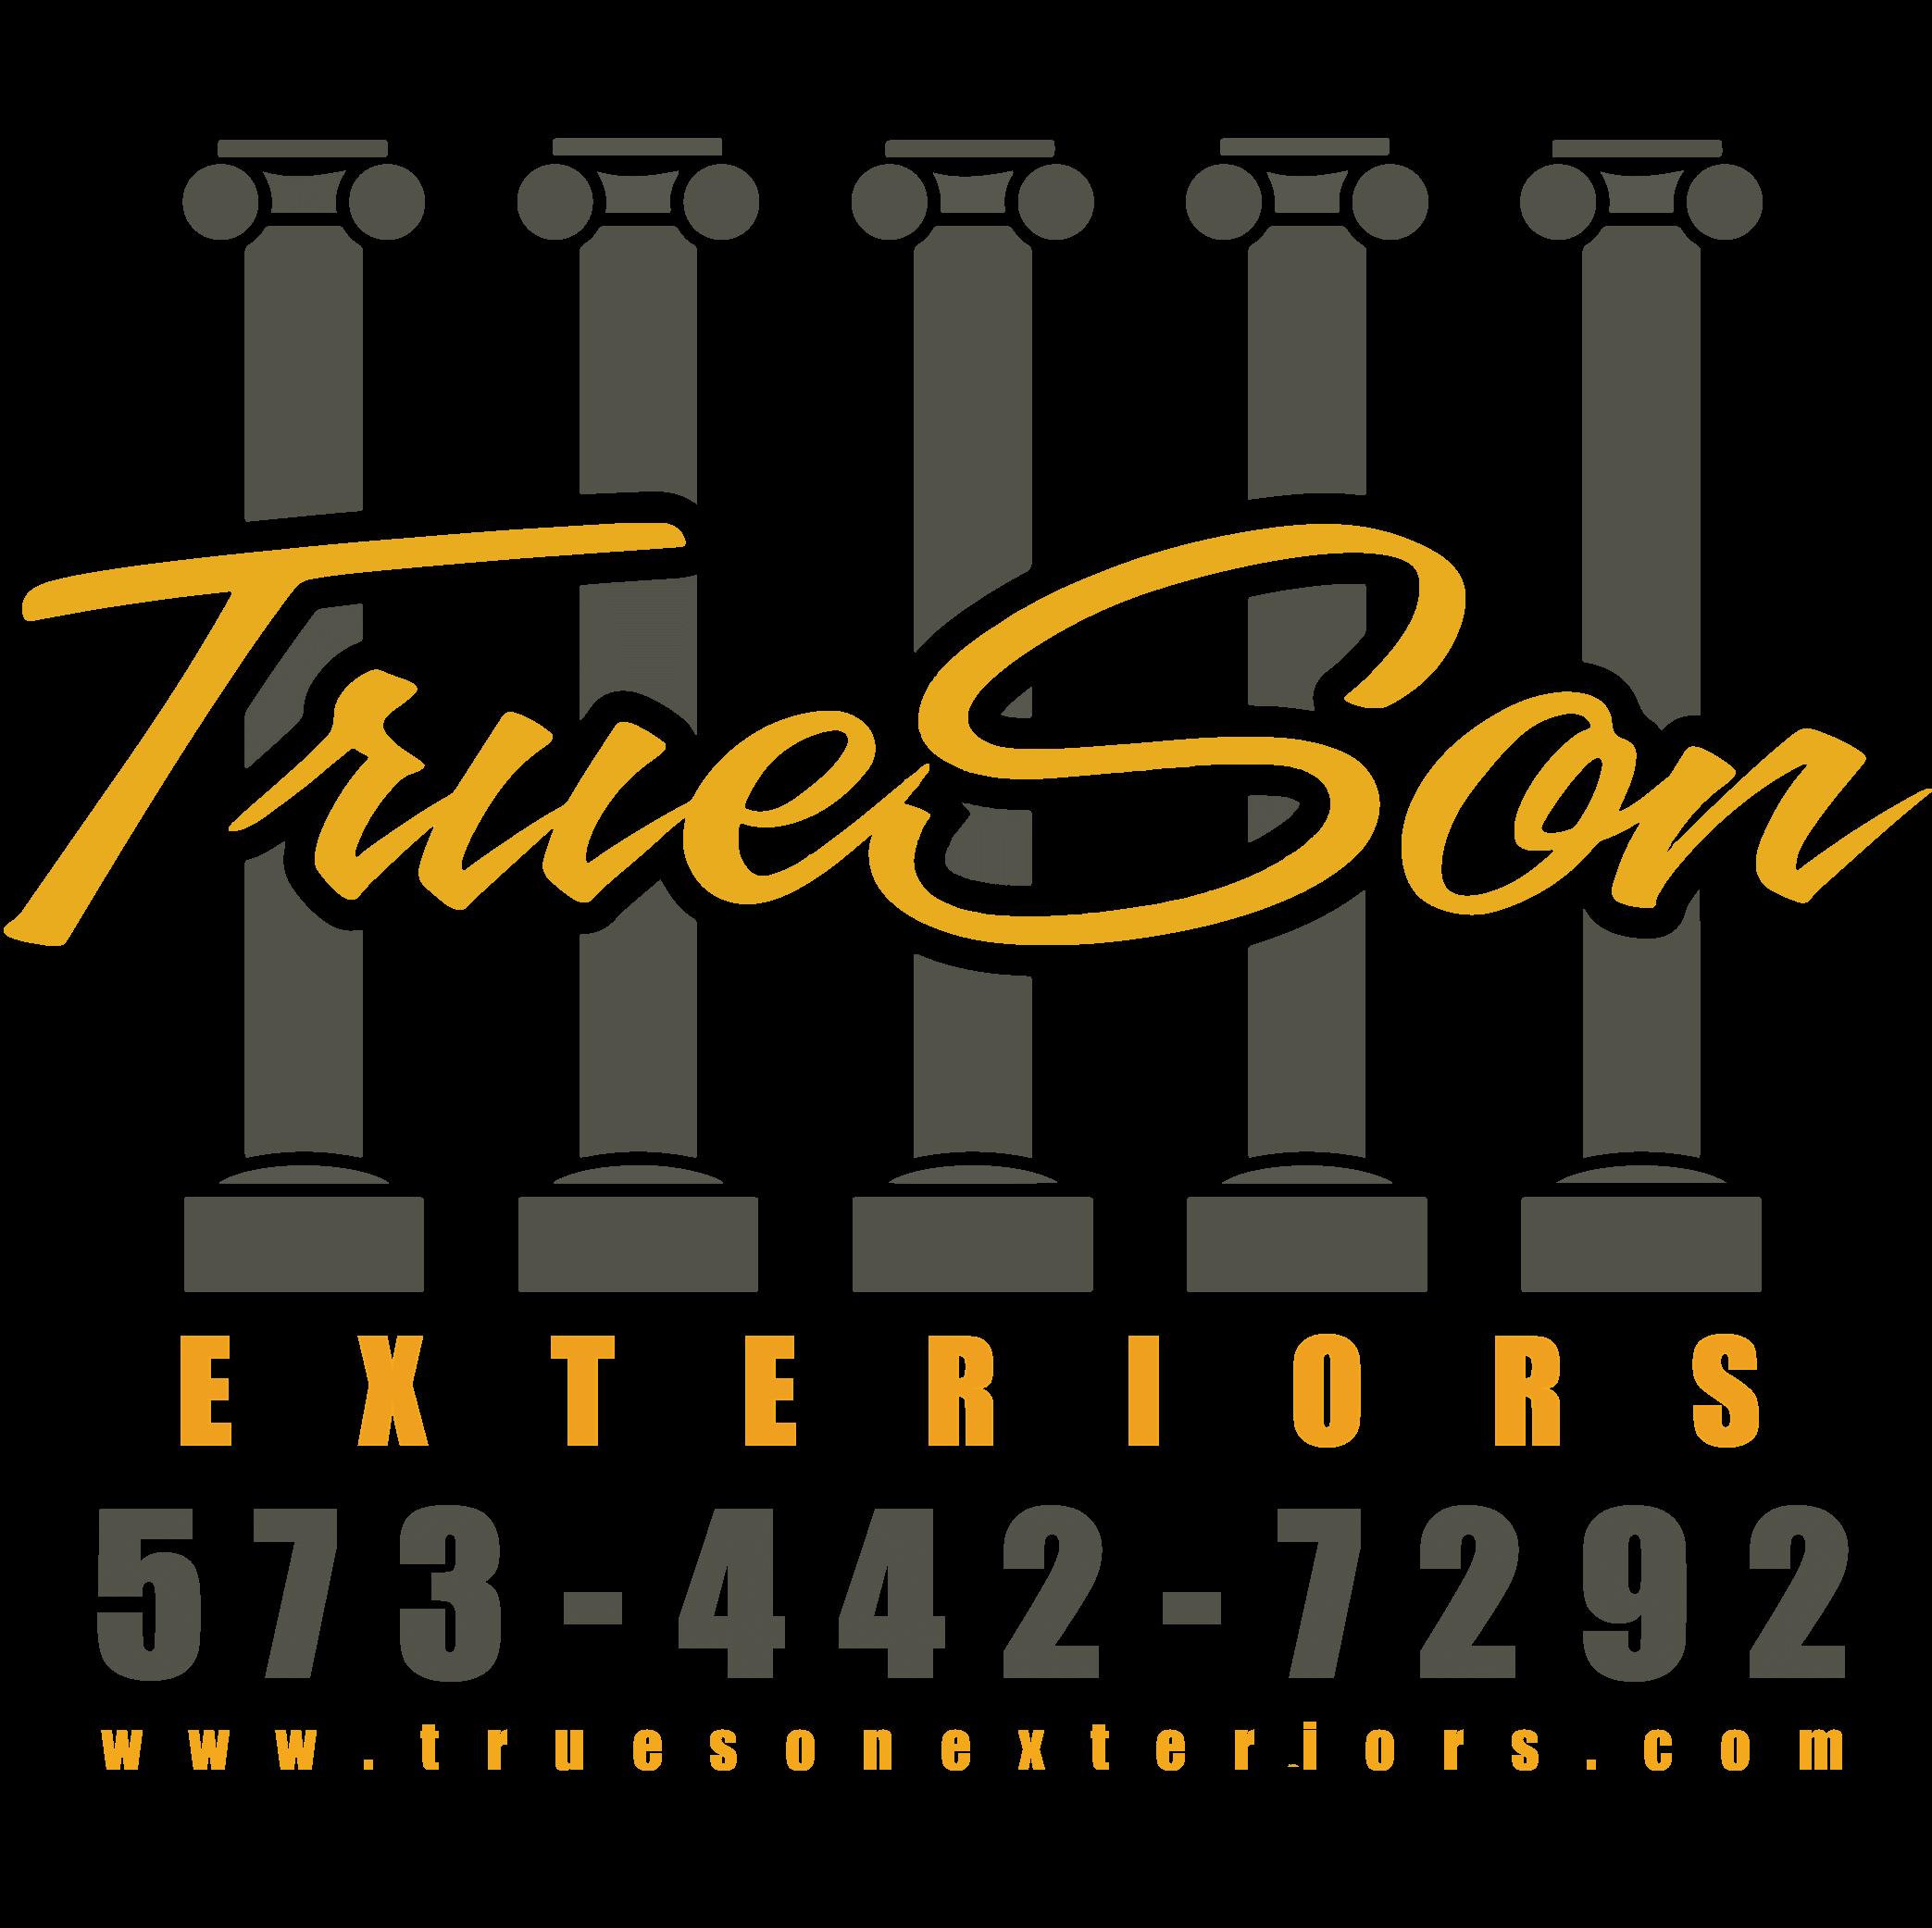 Trueson_exterior